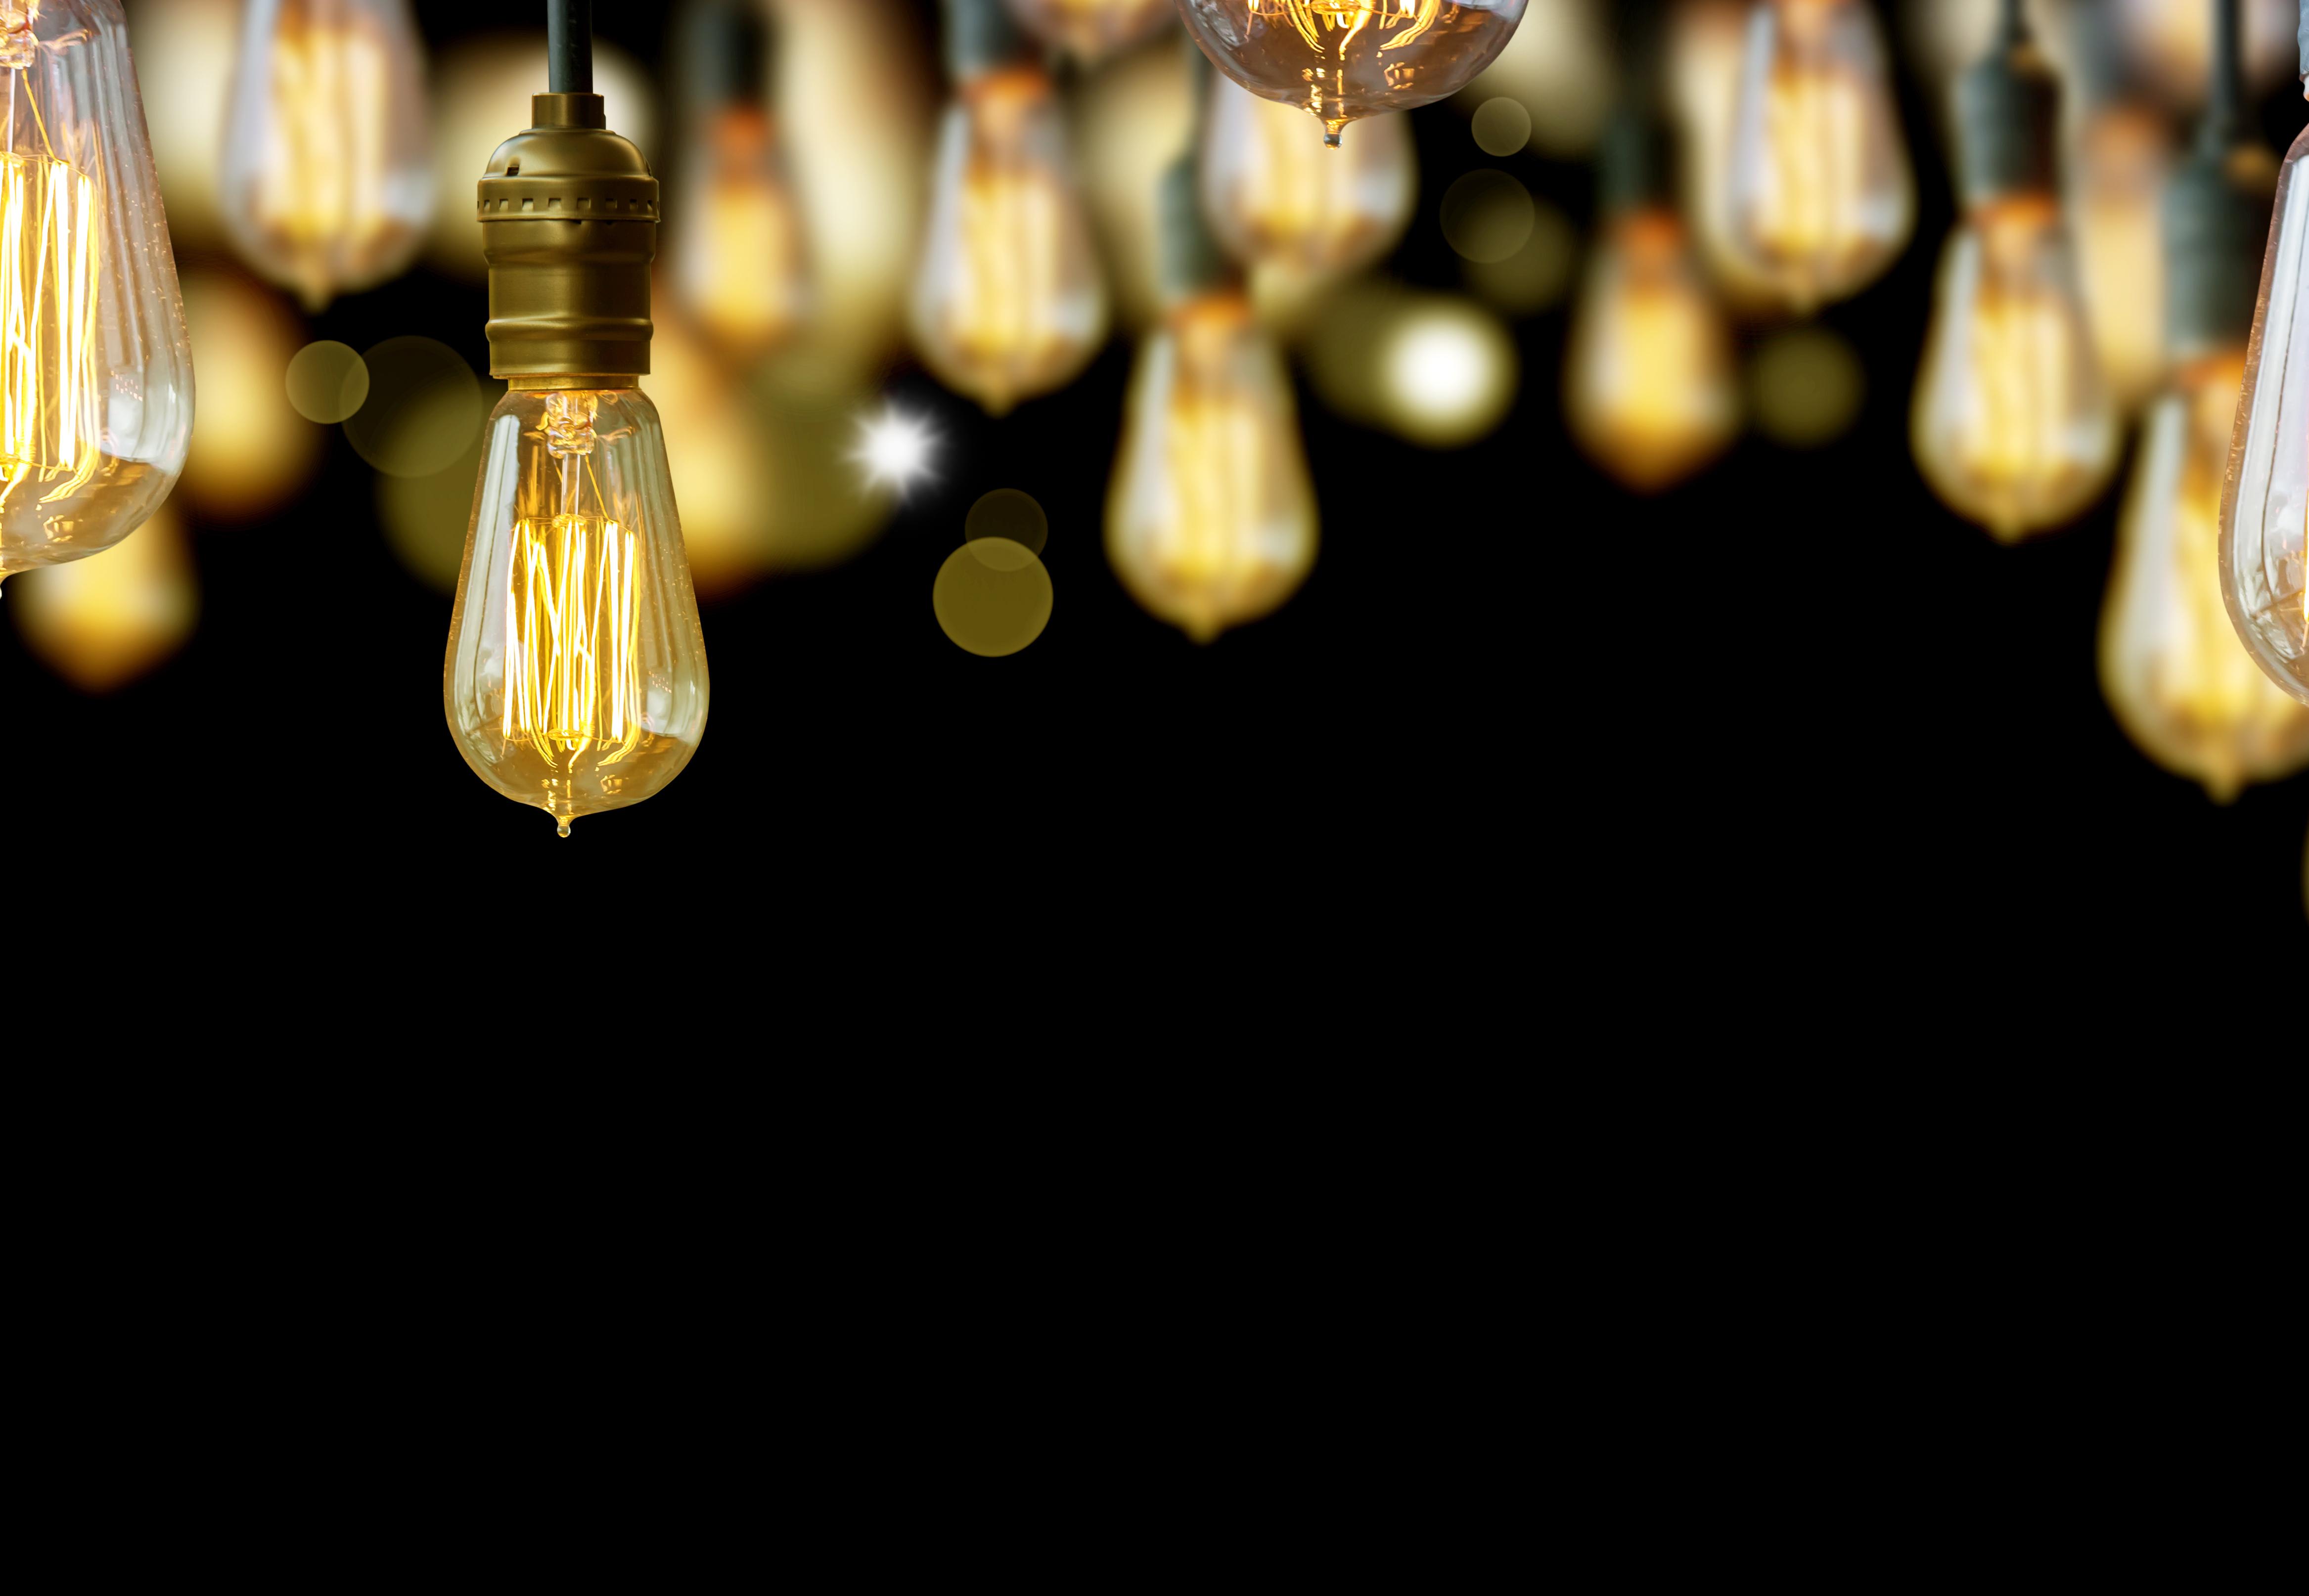 Verlichting maakt of breekt een horecainterieur